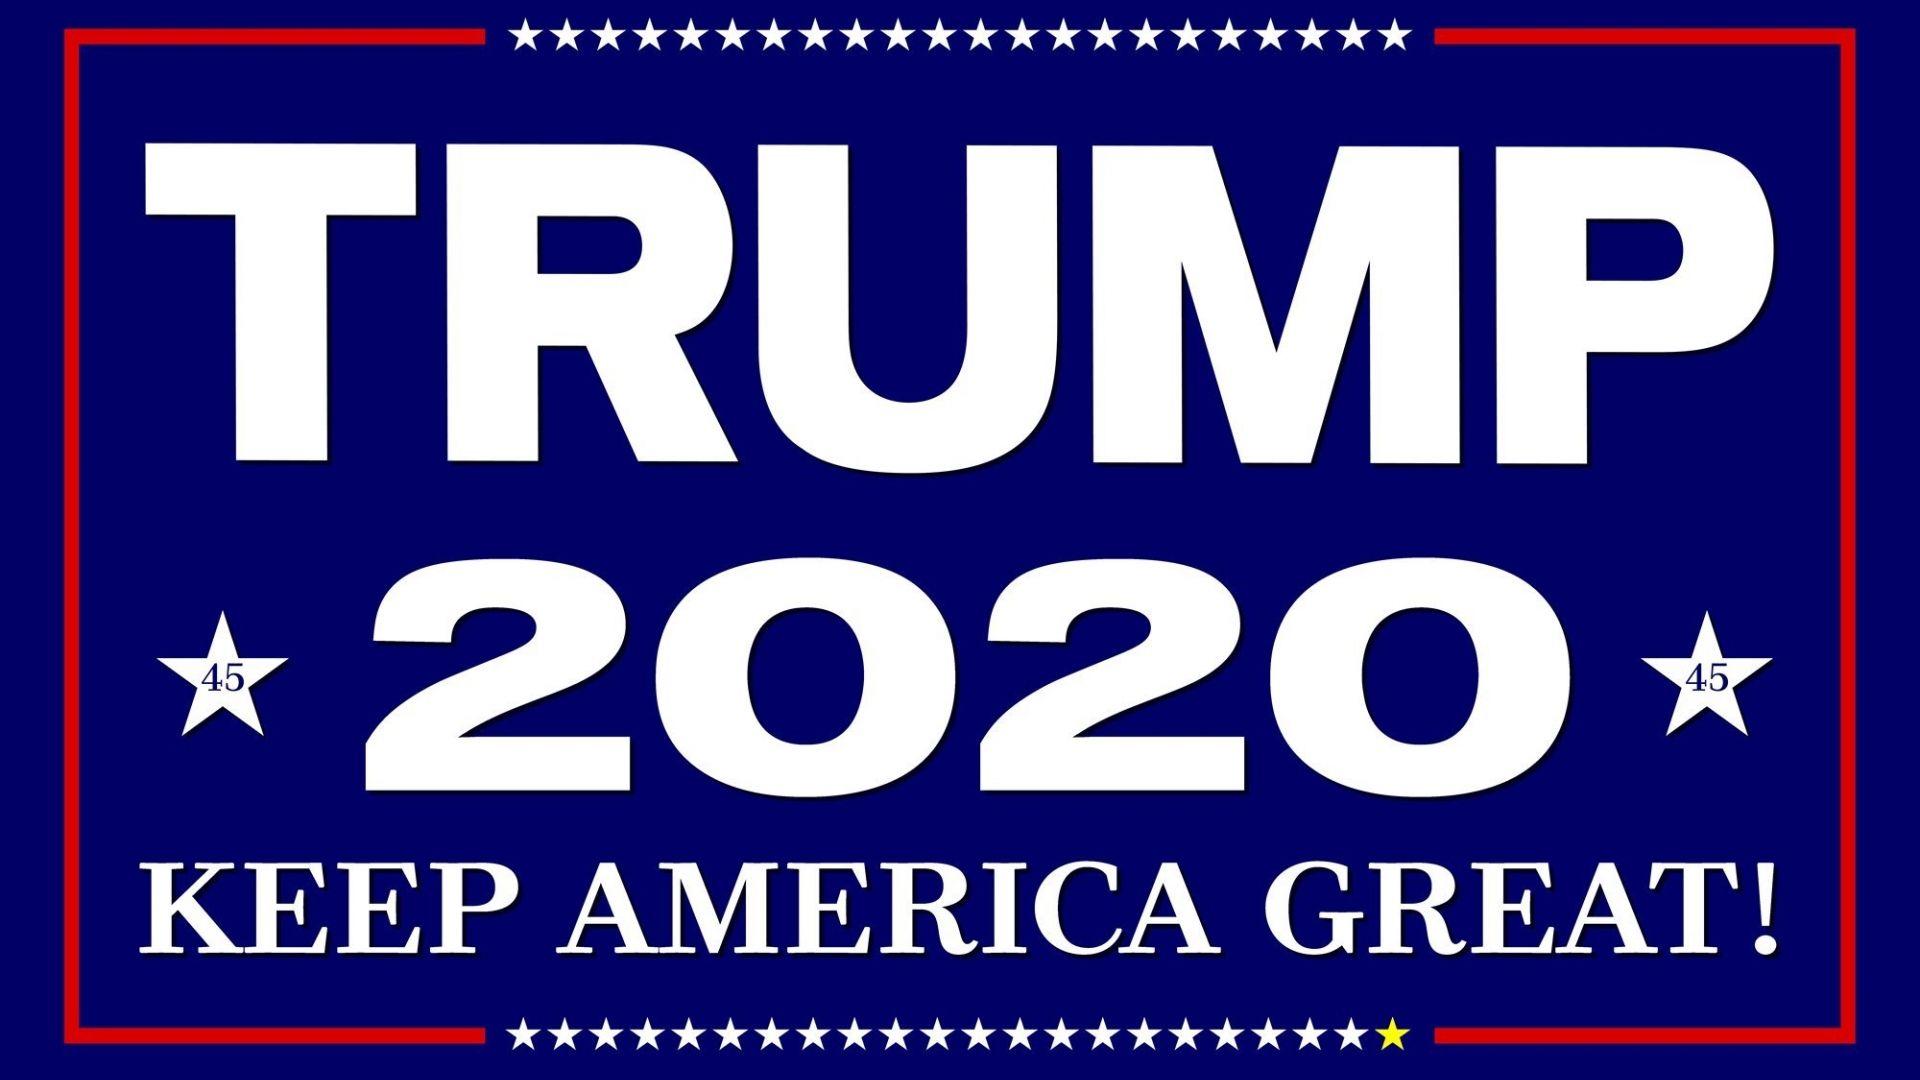 Trump 2020 Wallpapers   Top Trump 2020 Backgrounds 1920x1080